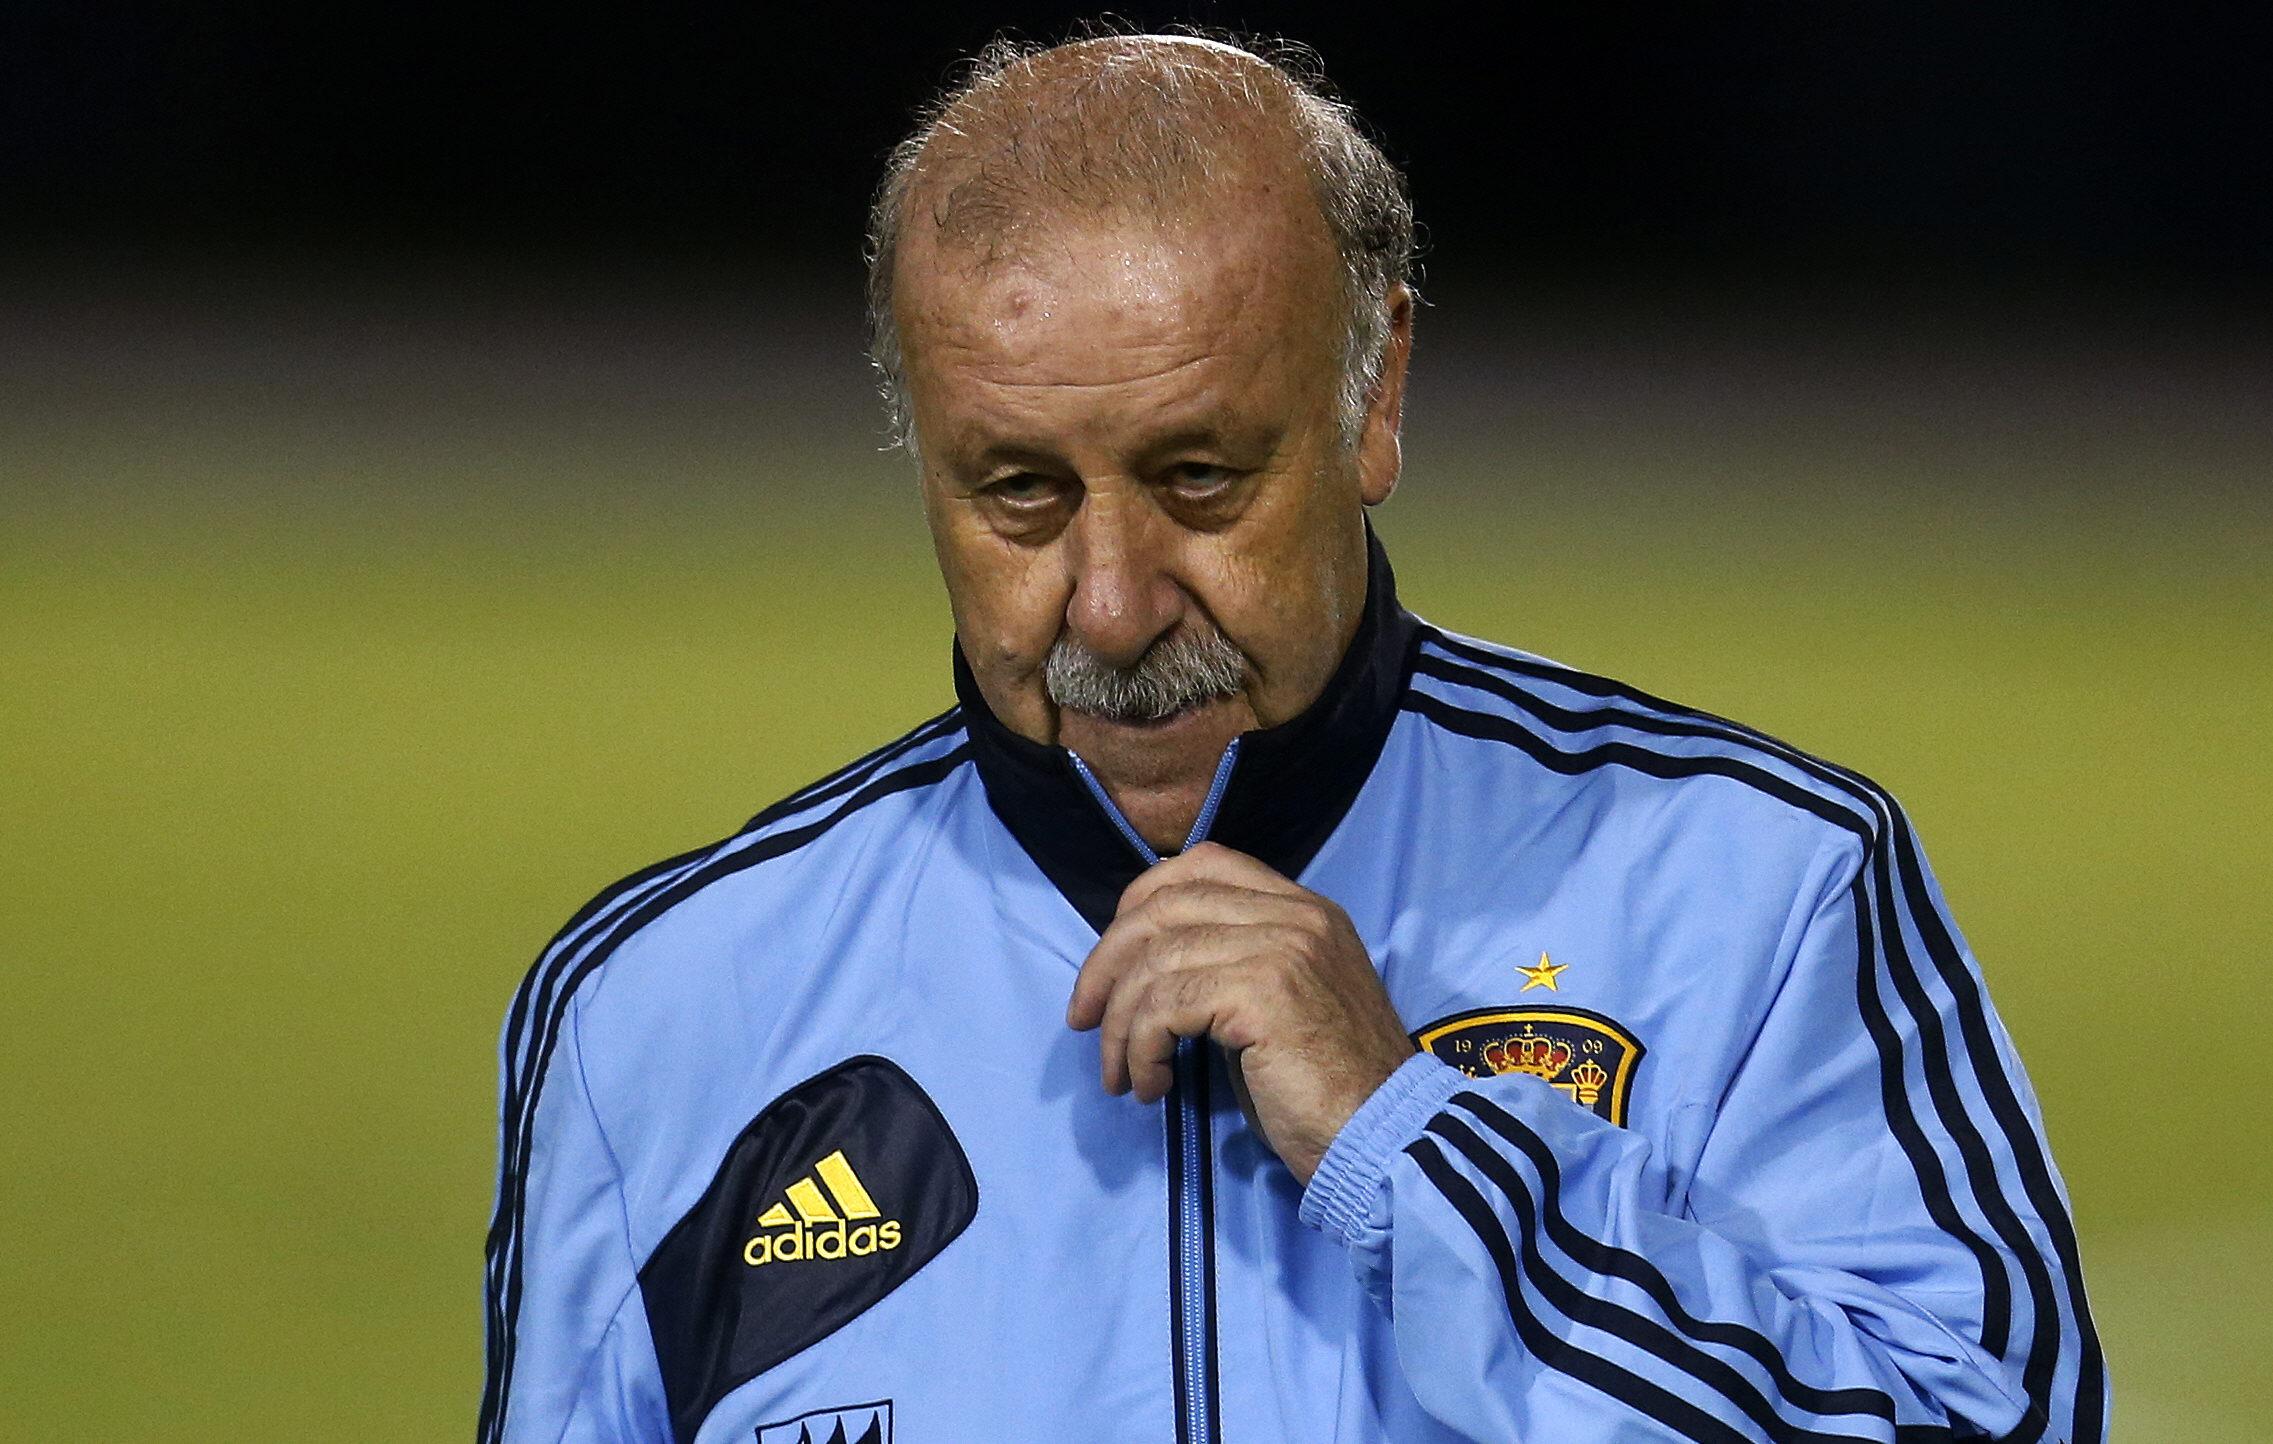 Vicente del Bosque no pone excusas: «Ellos han sido mejores y nos han superado»